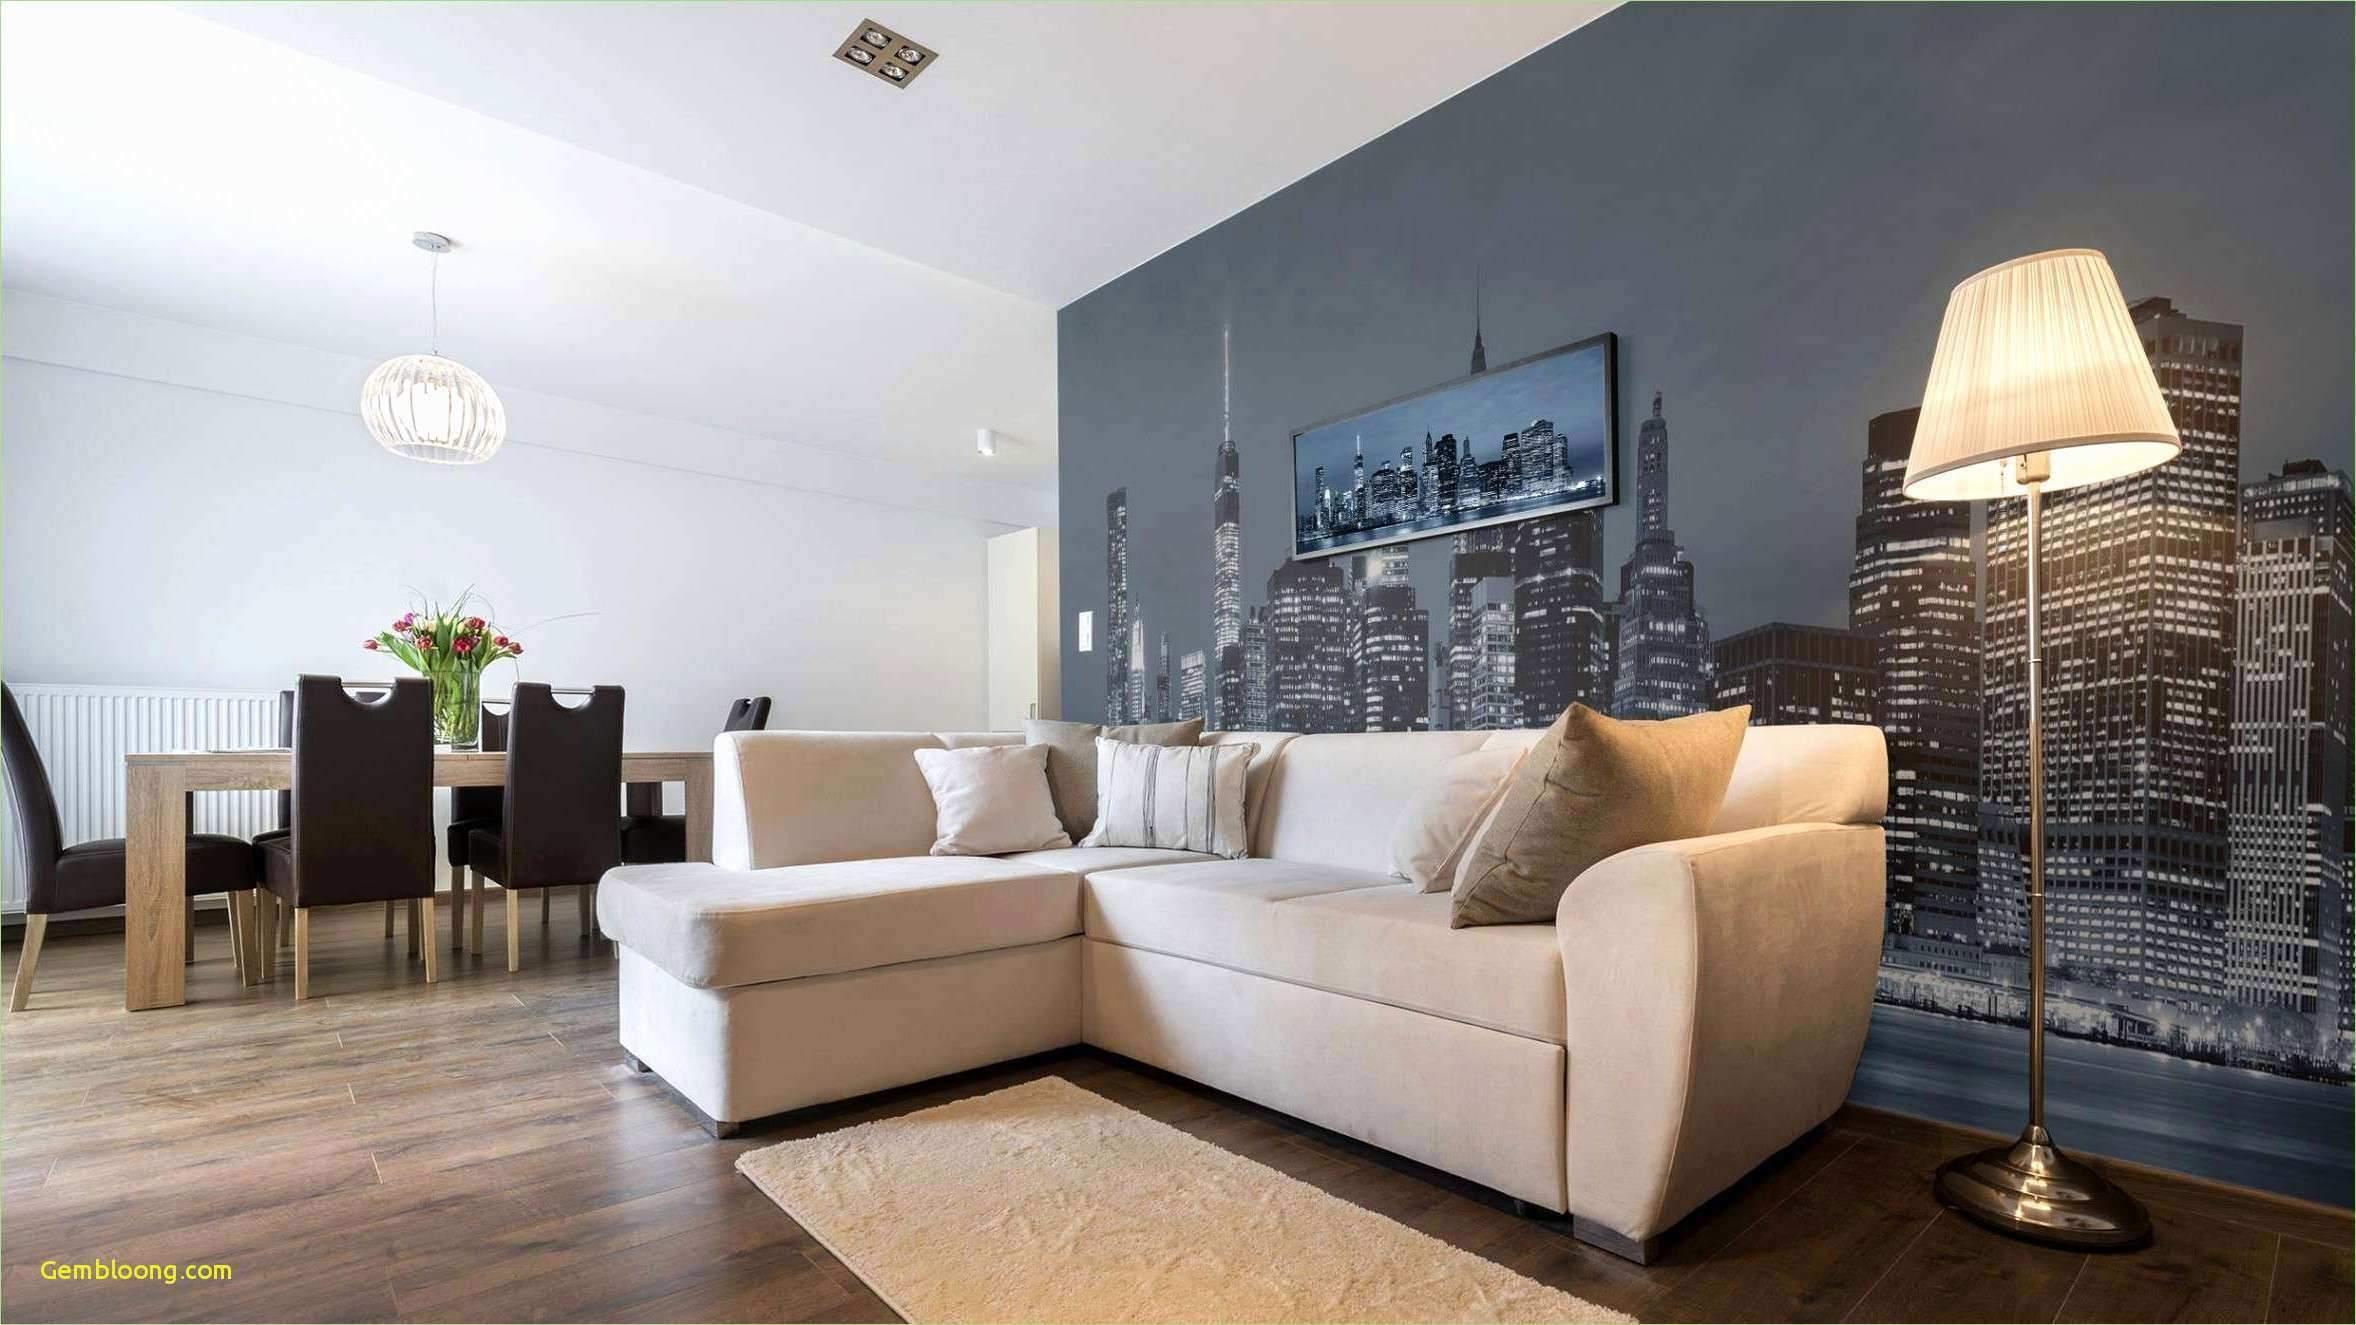 deko ideen selbermachen wohnzimmer genial 50 einzigartig von wohnzimmer deko selber machen meinung of deko ideen selbermachen wohnzimmer